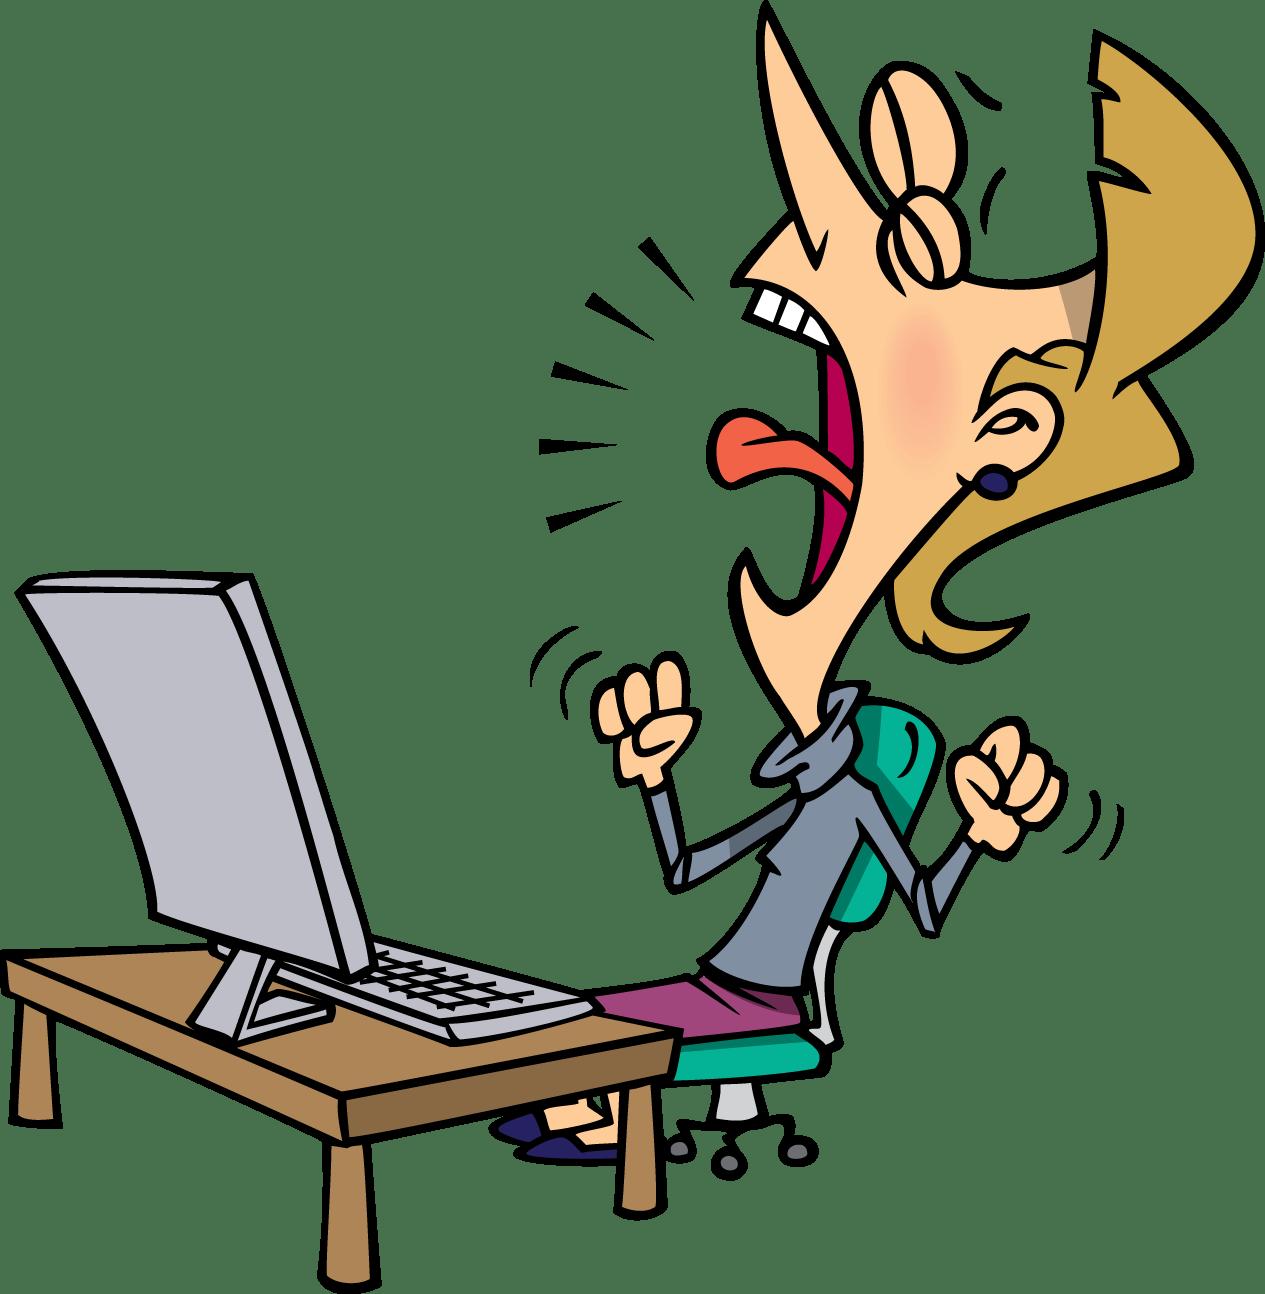 jag jobbar som frilanserande skribent jag fick i uppdrag en artikel p 4k ord jag hade en tight deadline jag satte mig ner och b rjade skriva  [ 1265 x 1294 Pixel ]